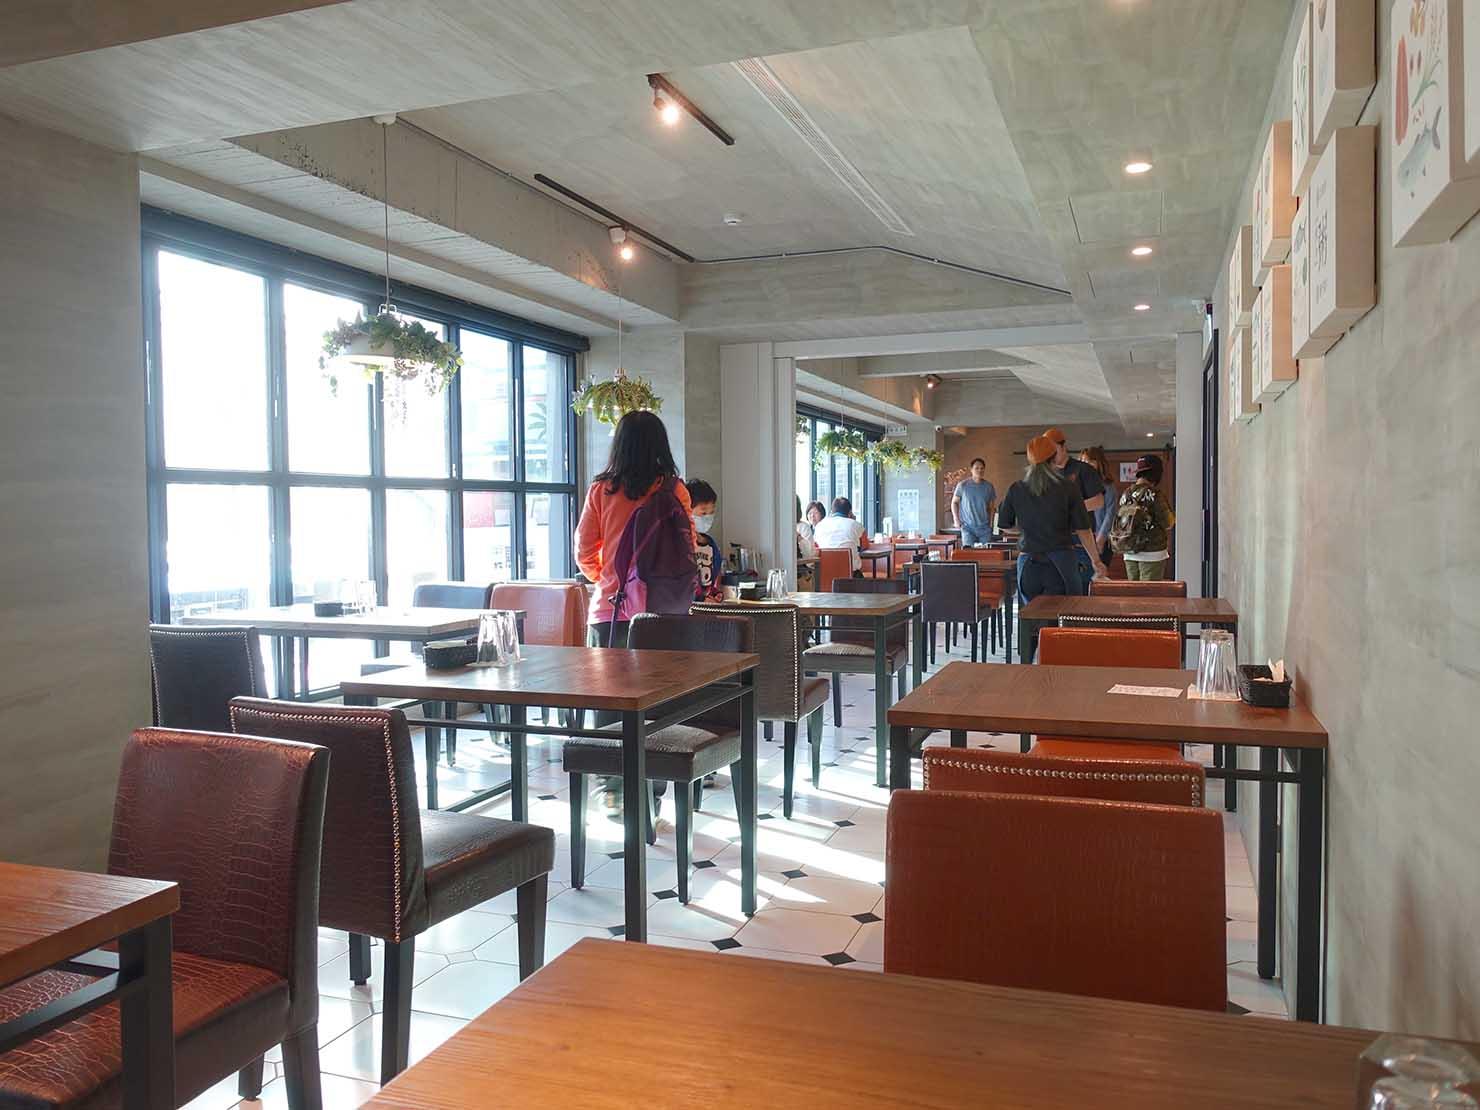 台南駅徒歩10分のかわいいデザインホテル「南方家屋 Old School」併設レストラン「日光徐徐」の店内